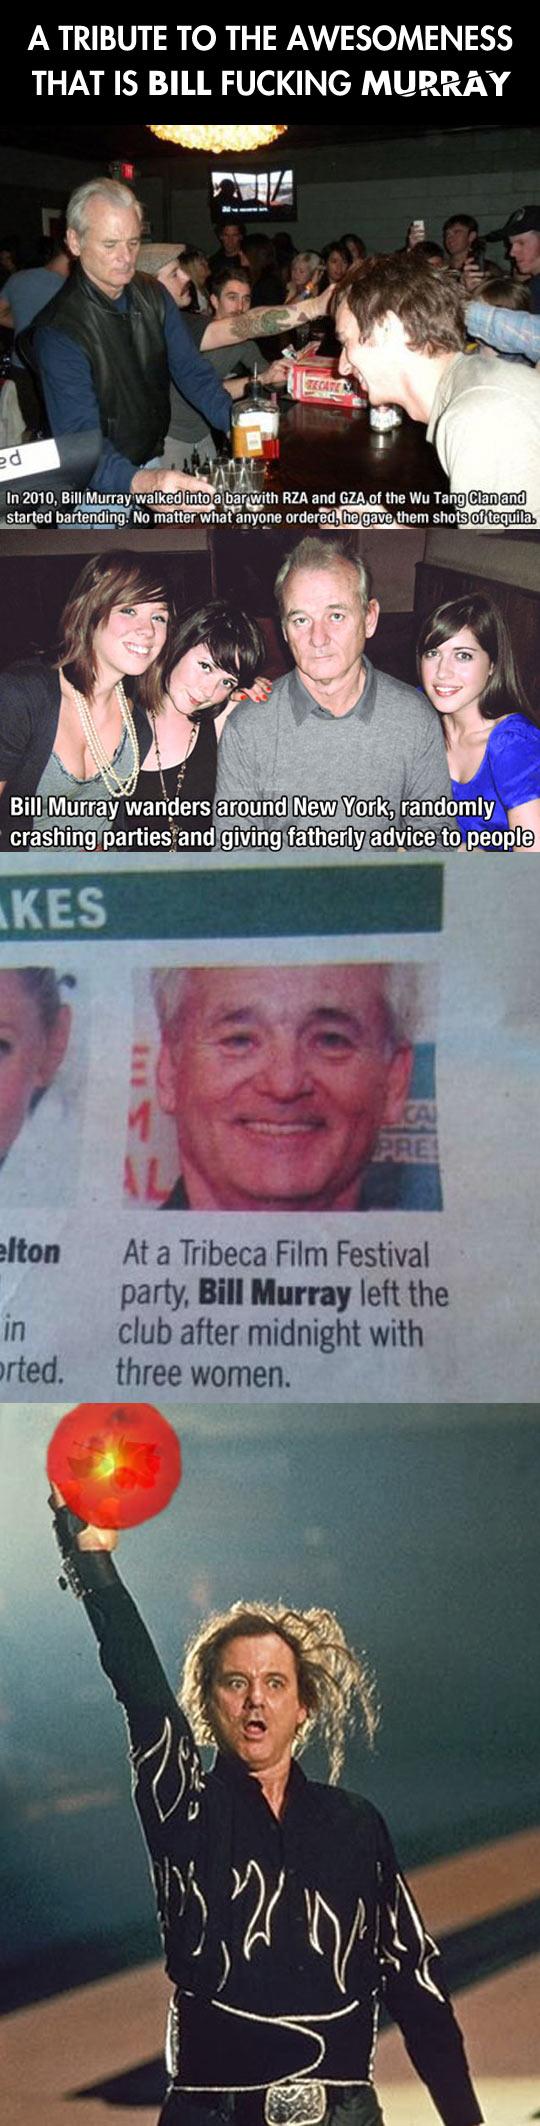 Bill Murray tribute...